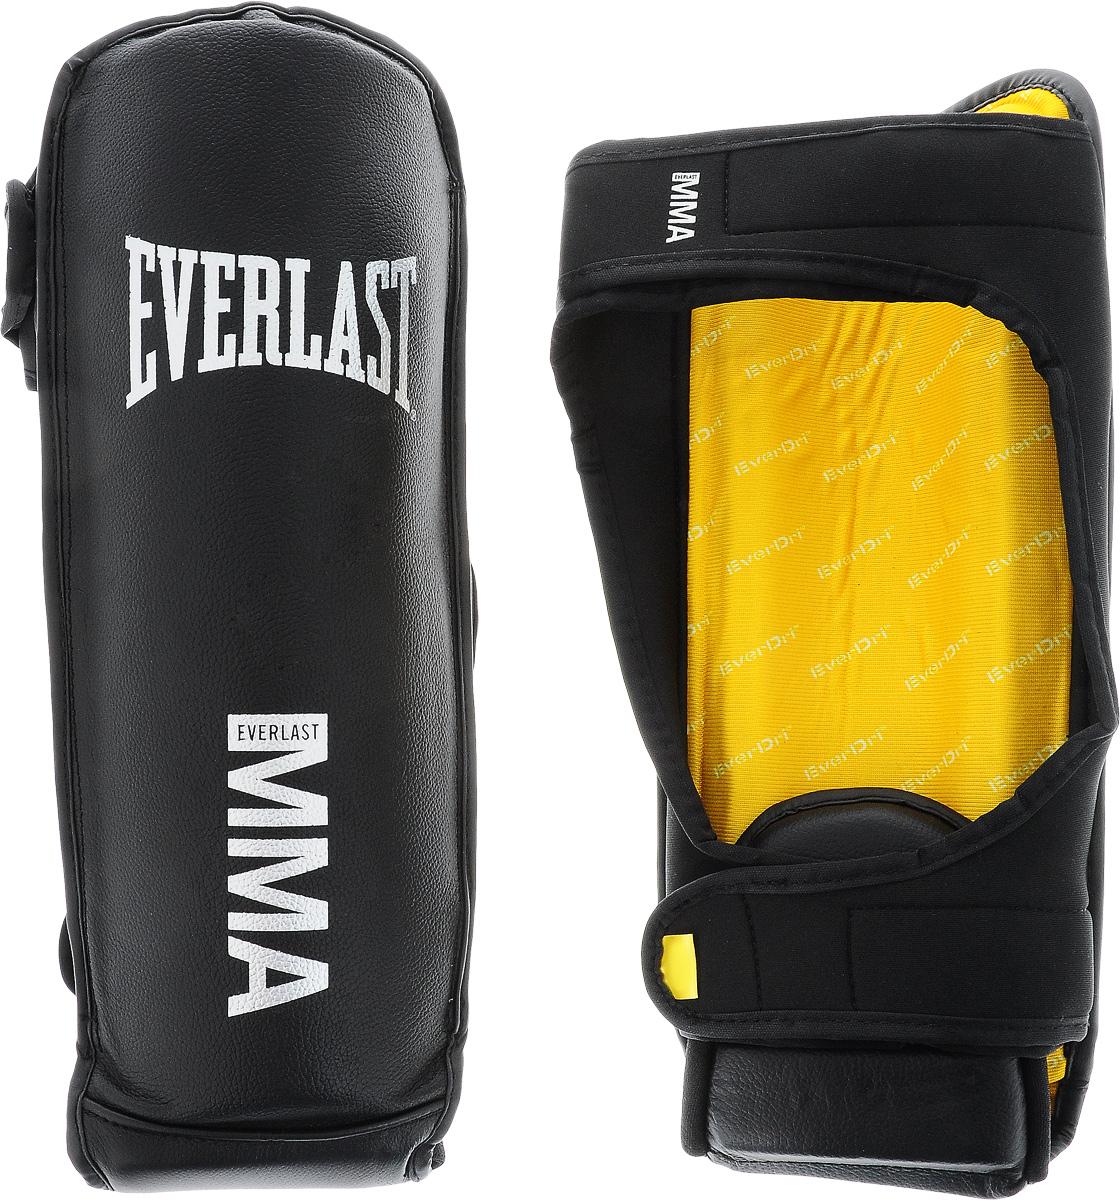 Защита голени и стопы Everlast Grappling, цвет: черный, светло-серый. Размер S/MAIRWHEEL Q3-340WH-BLACKЗащита голени и стопы Everlast Grappling спроектирована специально для ММА. Верх выполнен из высококачественной натуральной кожи. Акцентированное расположение пенного наполнителя обеспечивает отличную защиту. Закрепляется на ноге при помощи ремня на липучке.